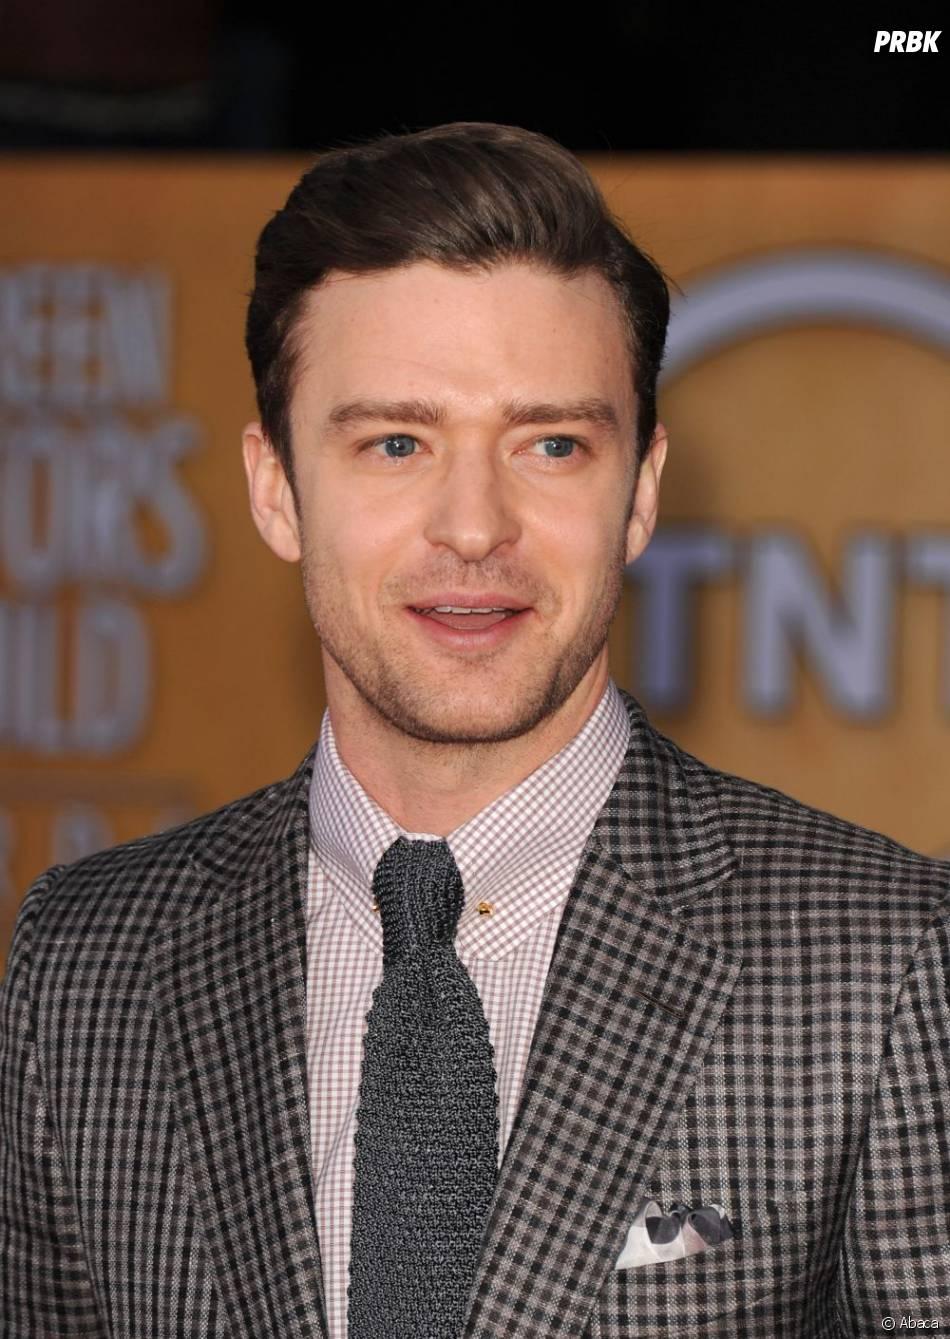 Justin Timberlake en sélection officielle du Festival de Cannes 2013 pour Inside Llewyn Davis des Frères Coen